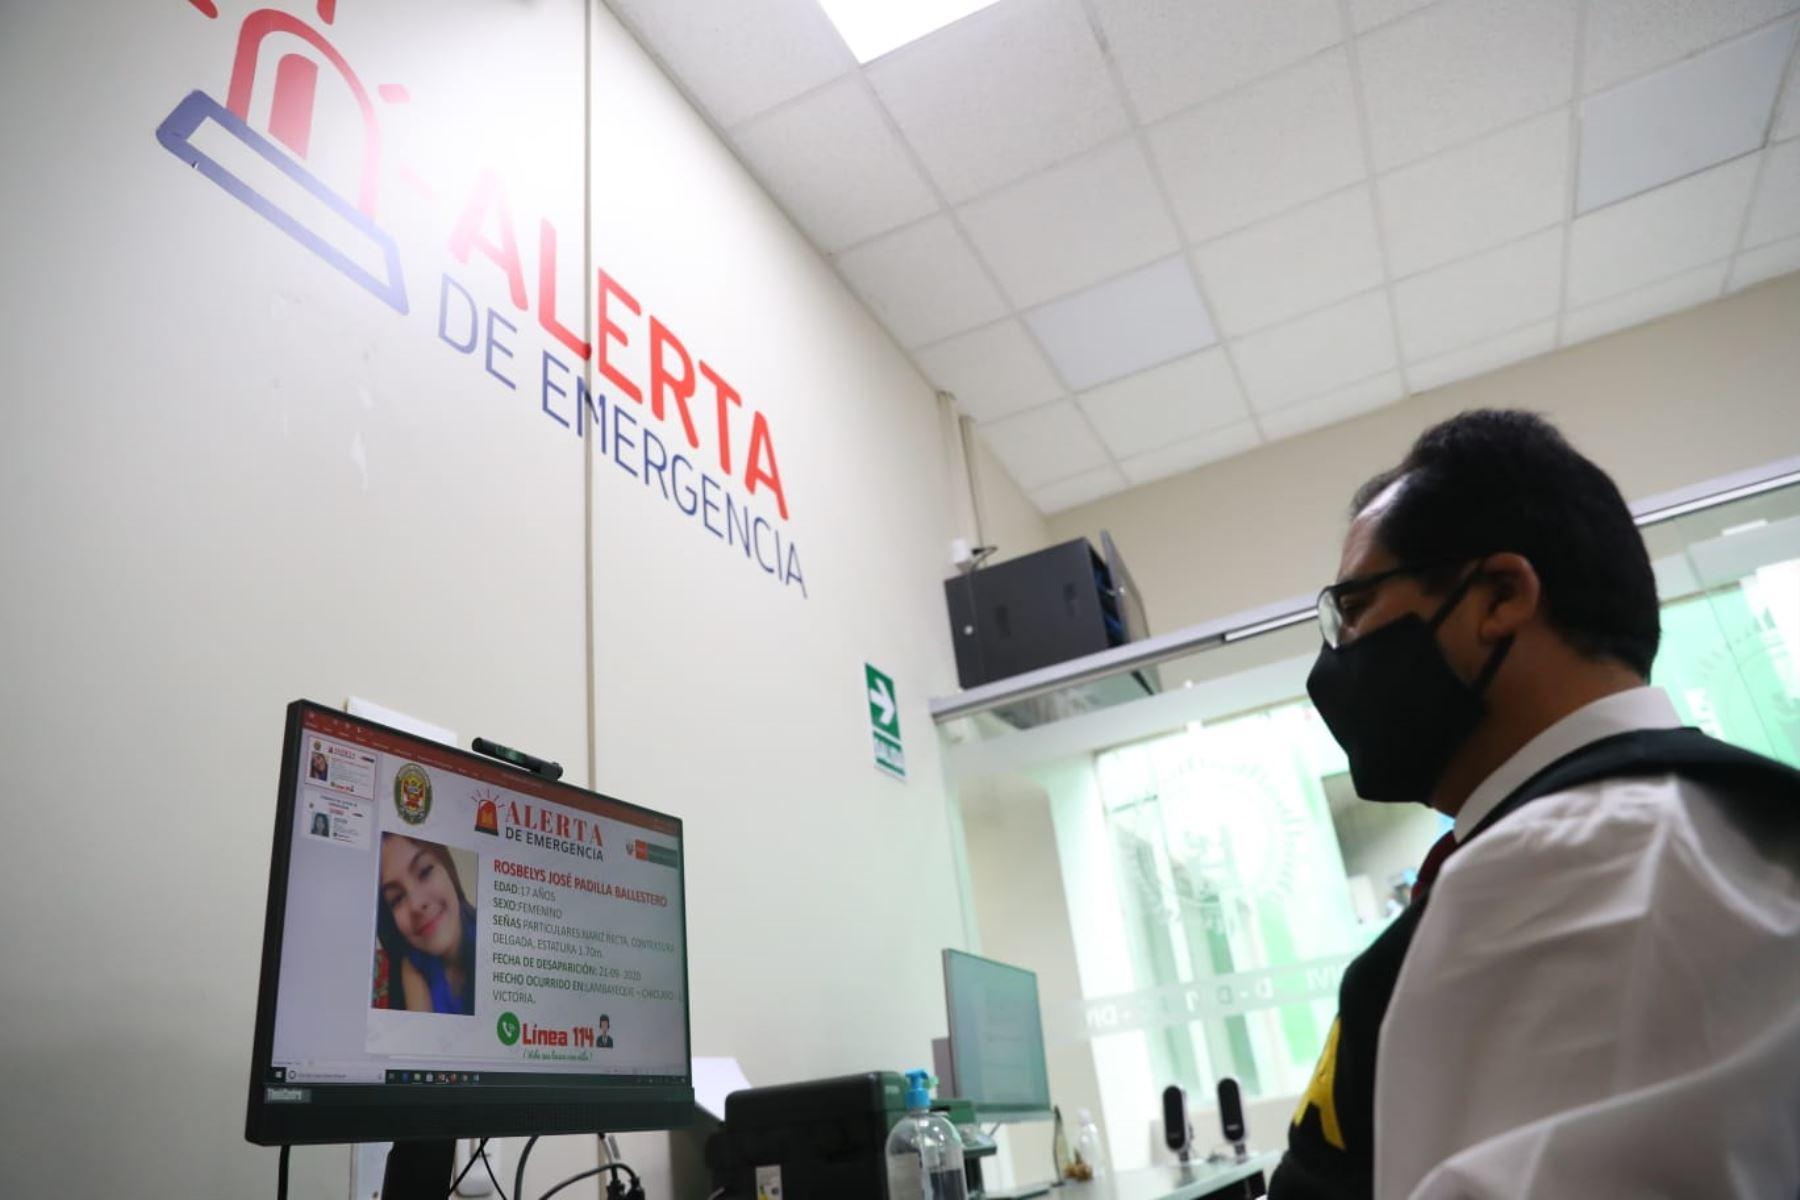 El Ministerio del Interior ha implementado la Línea 114 para reportar casos de personas desaparecidas, y brindar información que ayude a ubicar a la persona. Foto: ANDINA/Prensa Presidencia